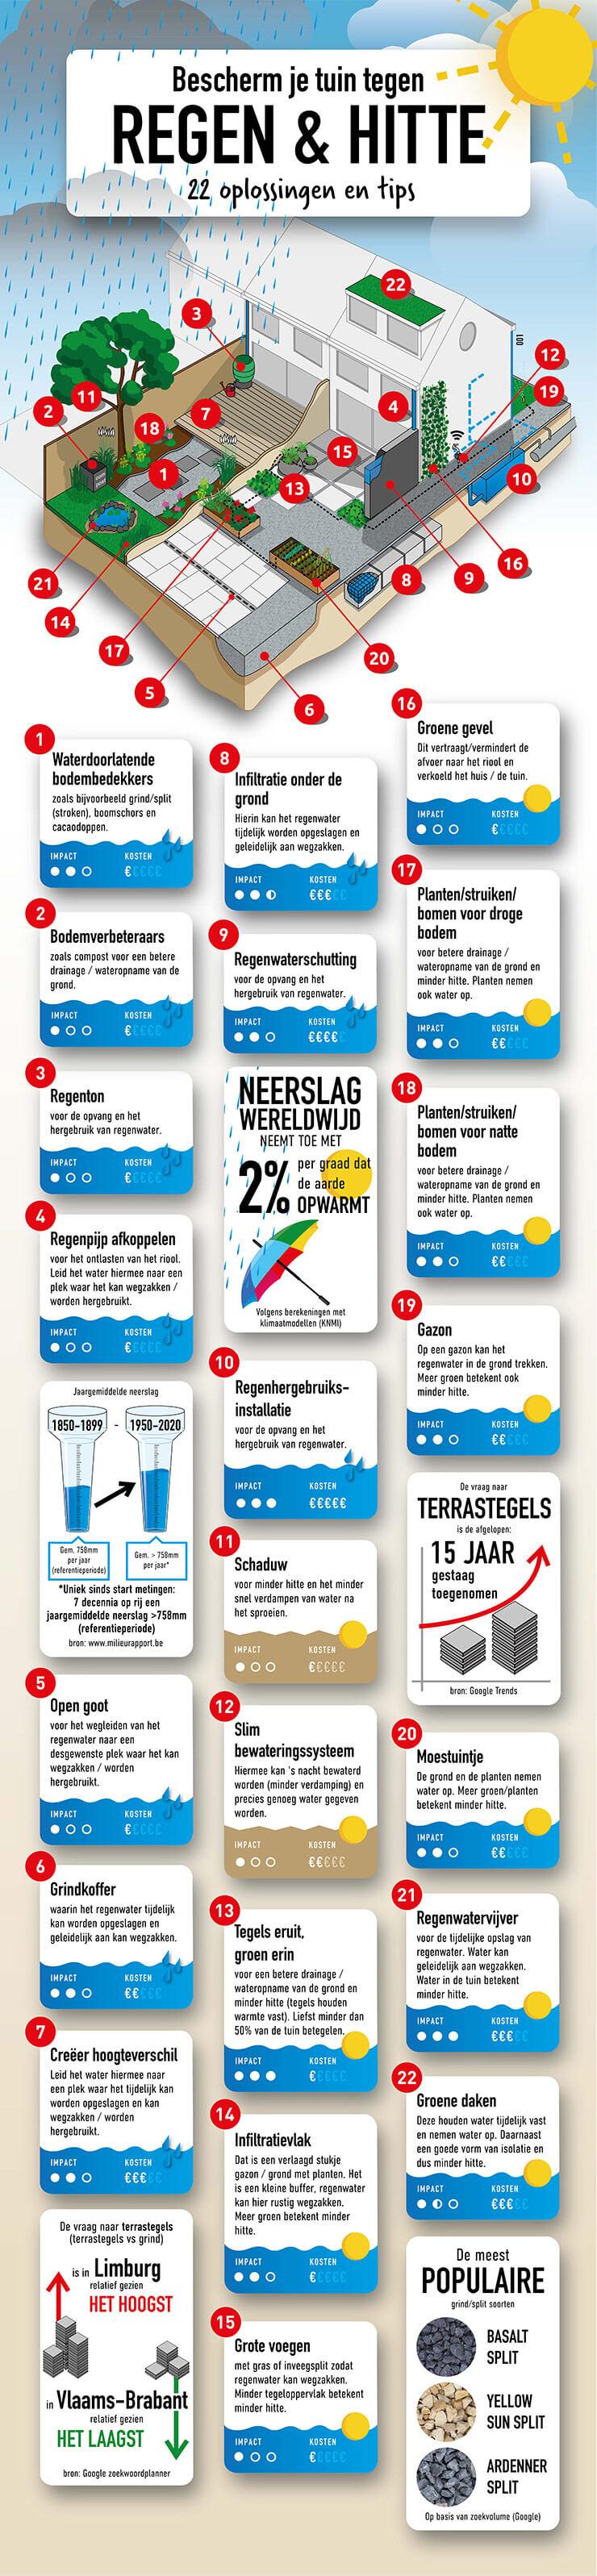 Infographic maatregelen tegen regen en hitte